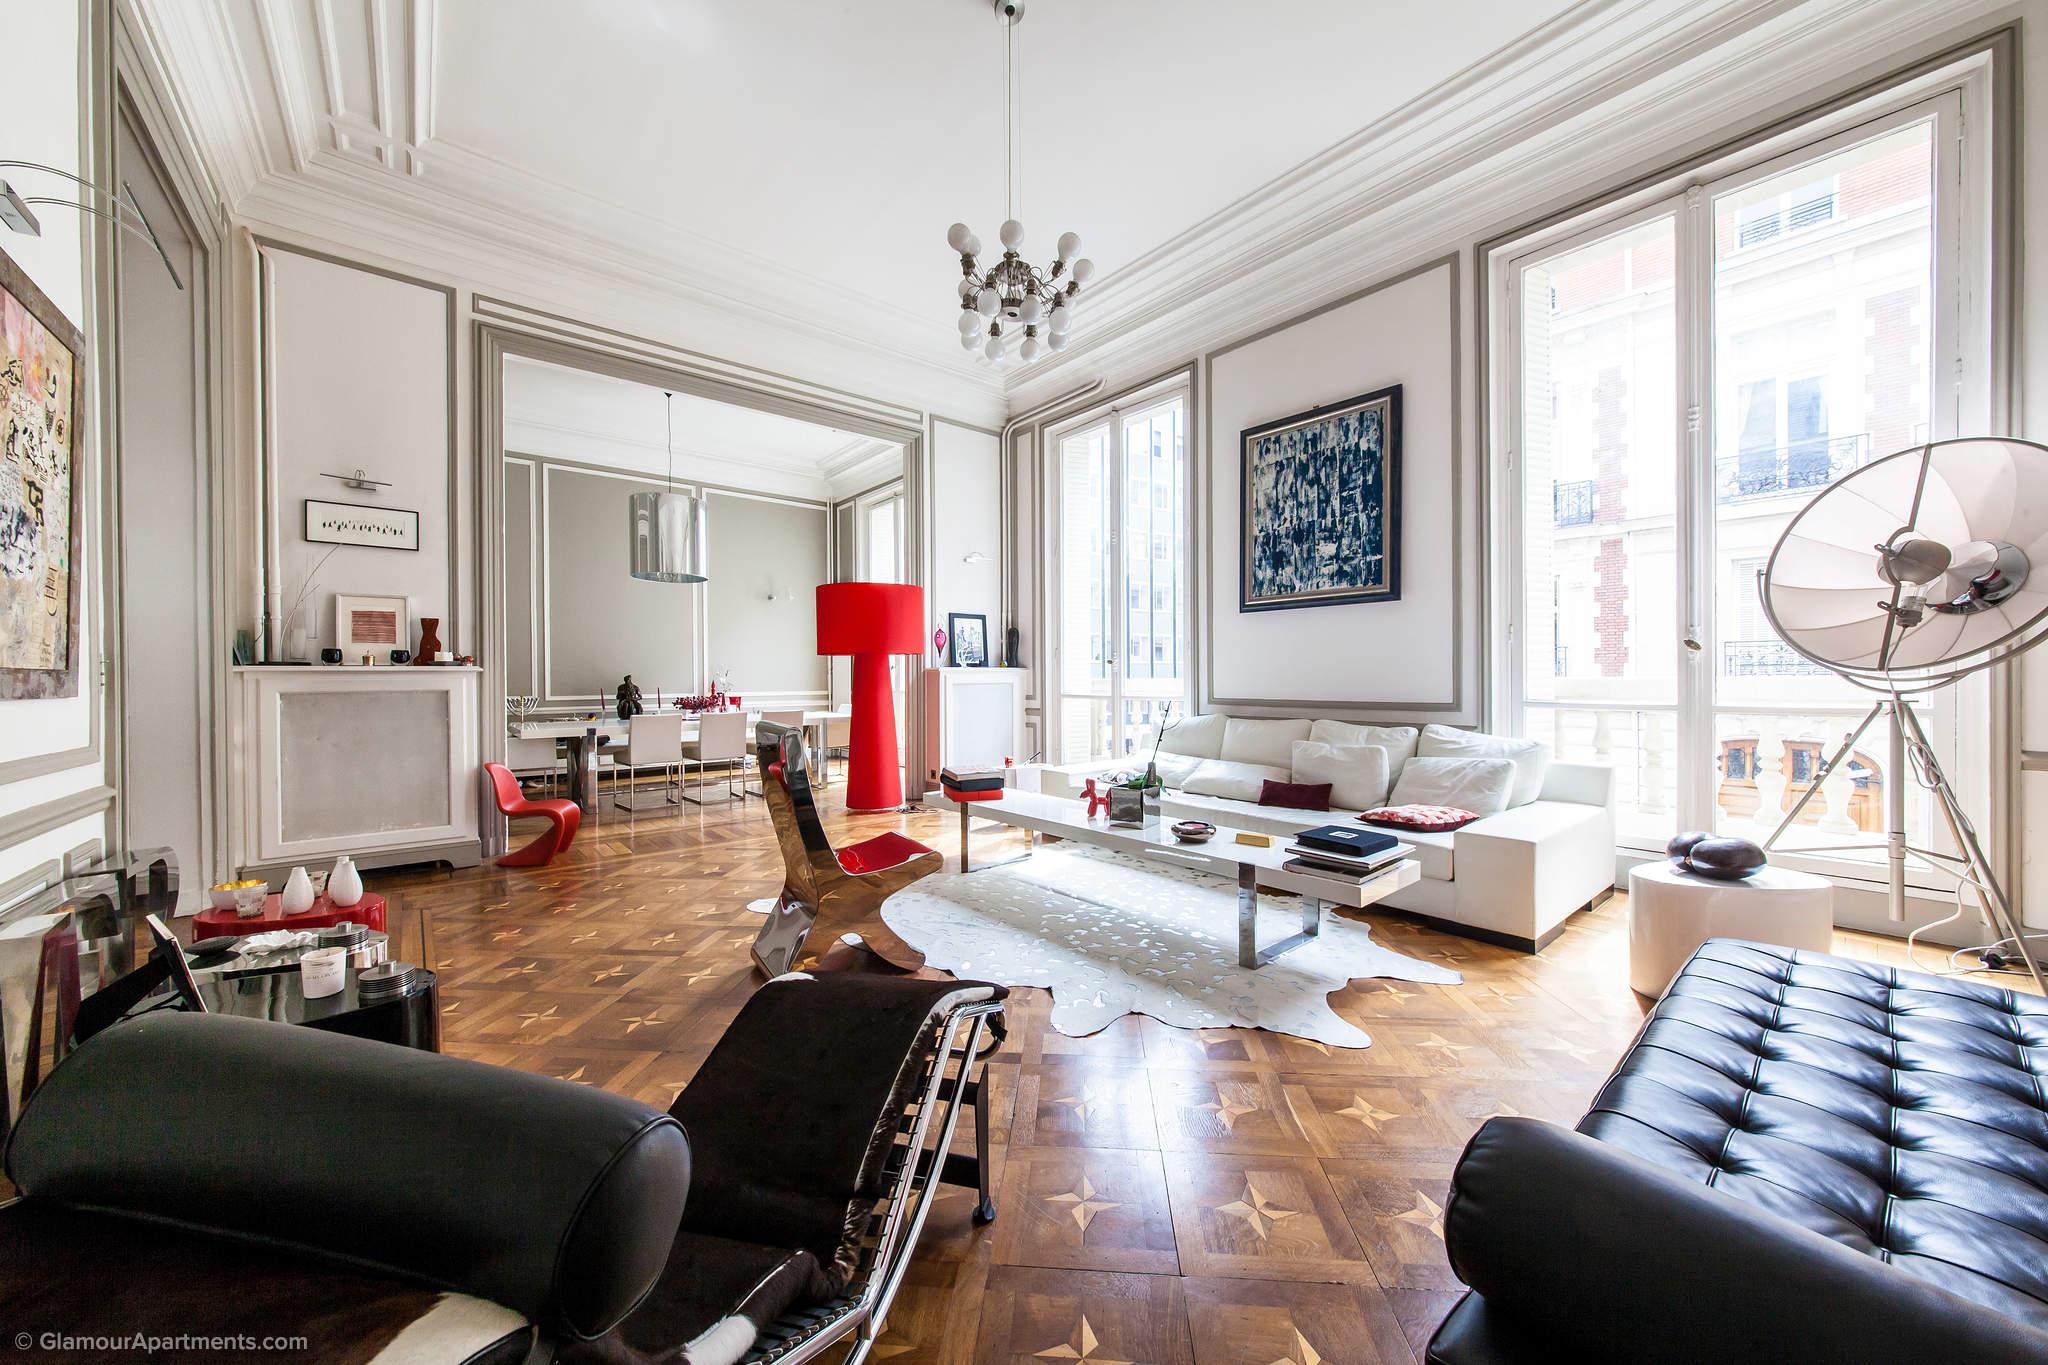 house-in-paris-01-2048w.jpg